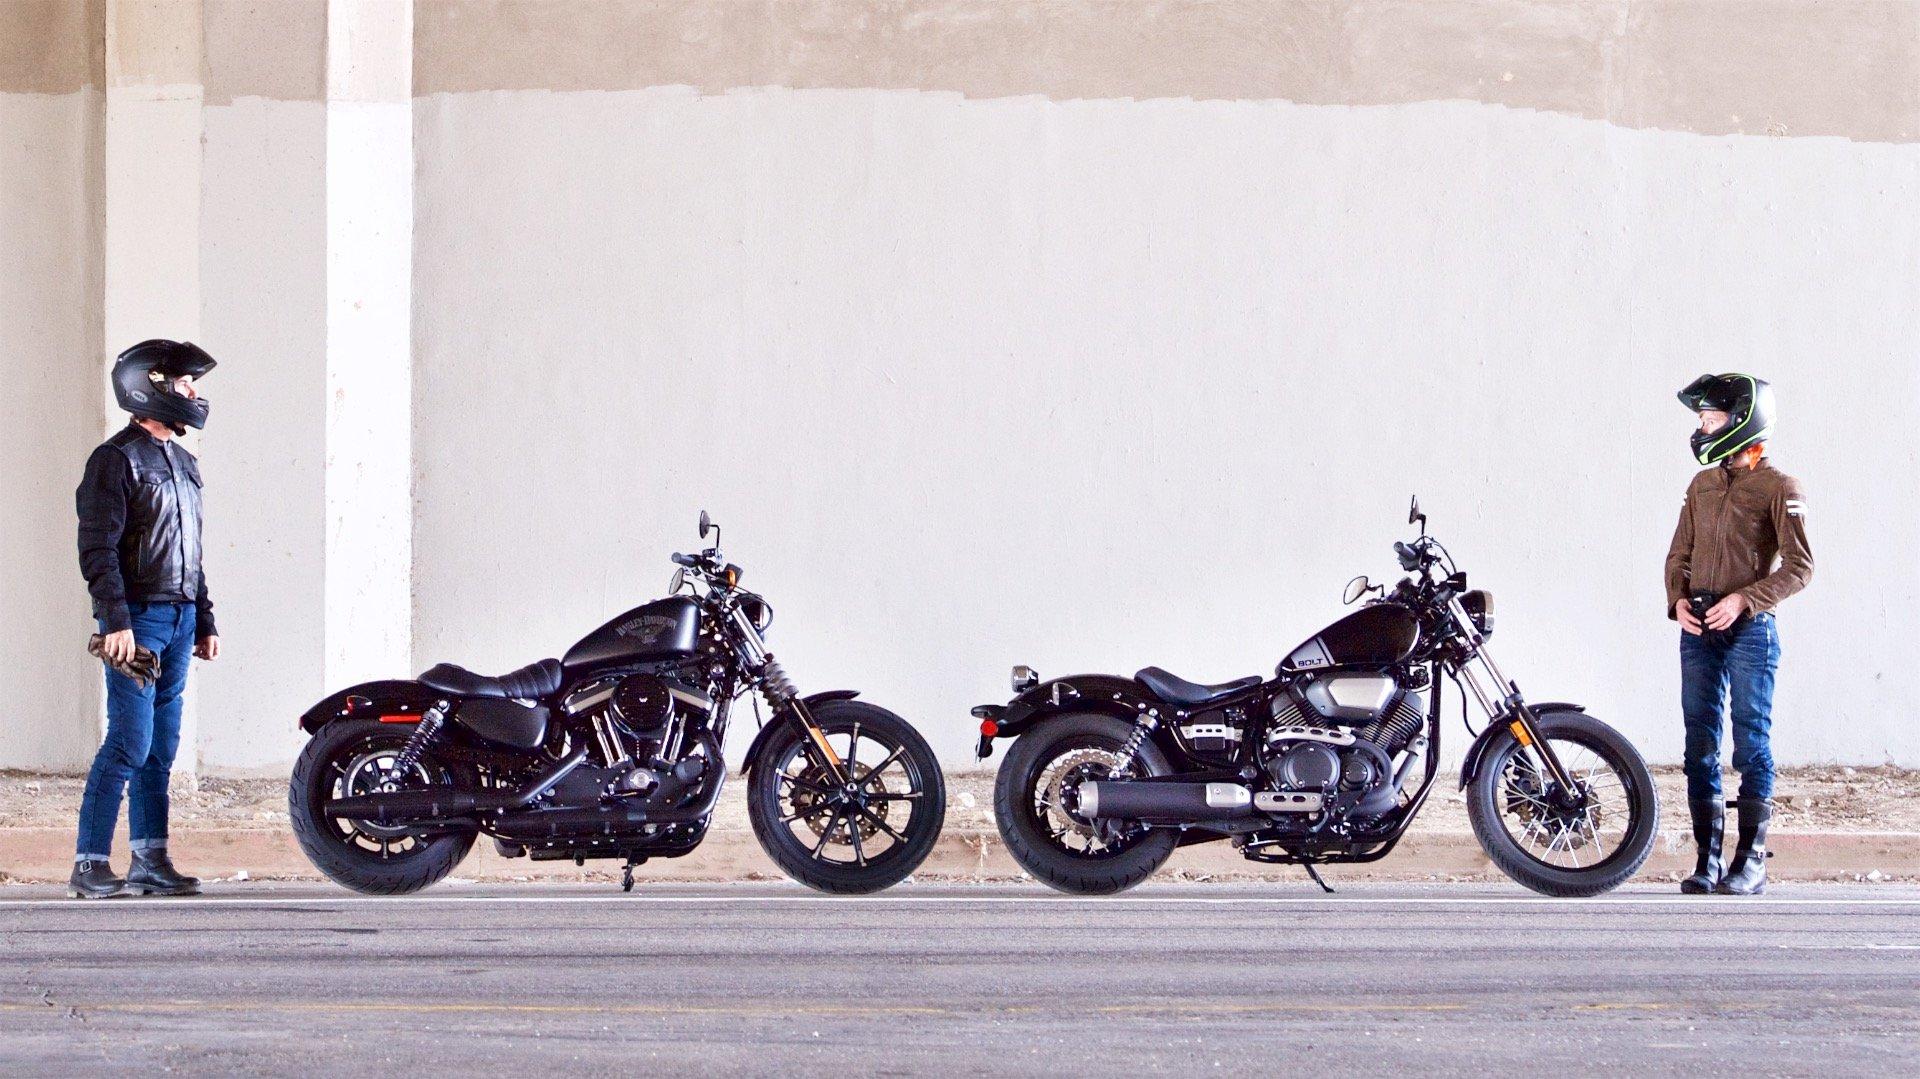 Harley davidson 883 price in bangalore dating 10